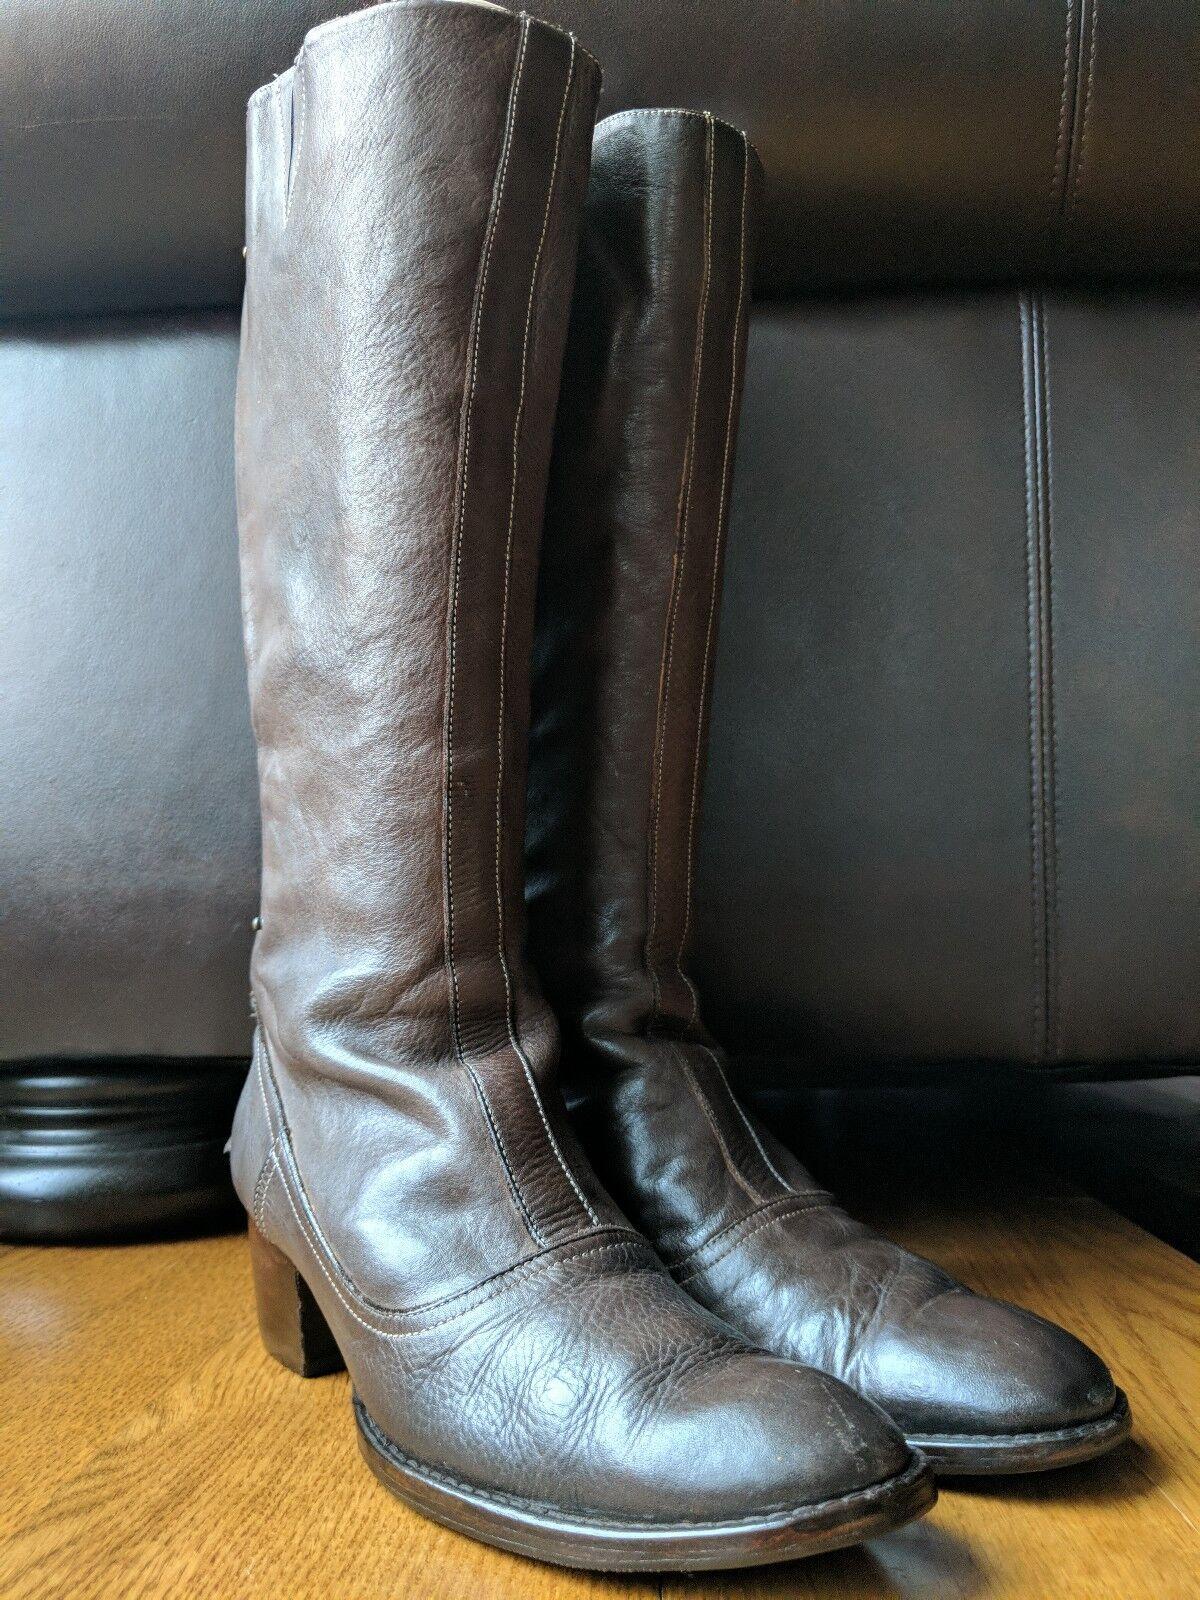 Paul Smith Mujeres Cuero Marrón Marrón Marrón Rodilla Alto botas de cremallera en la espalda talla 41 0ef9d1